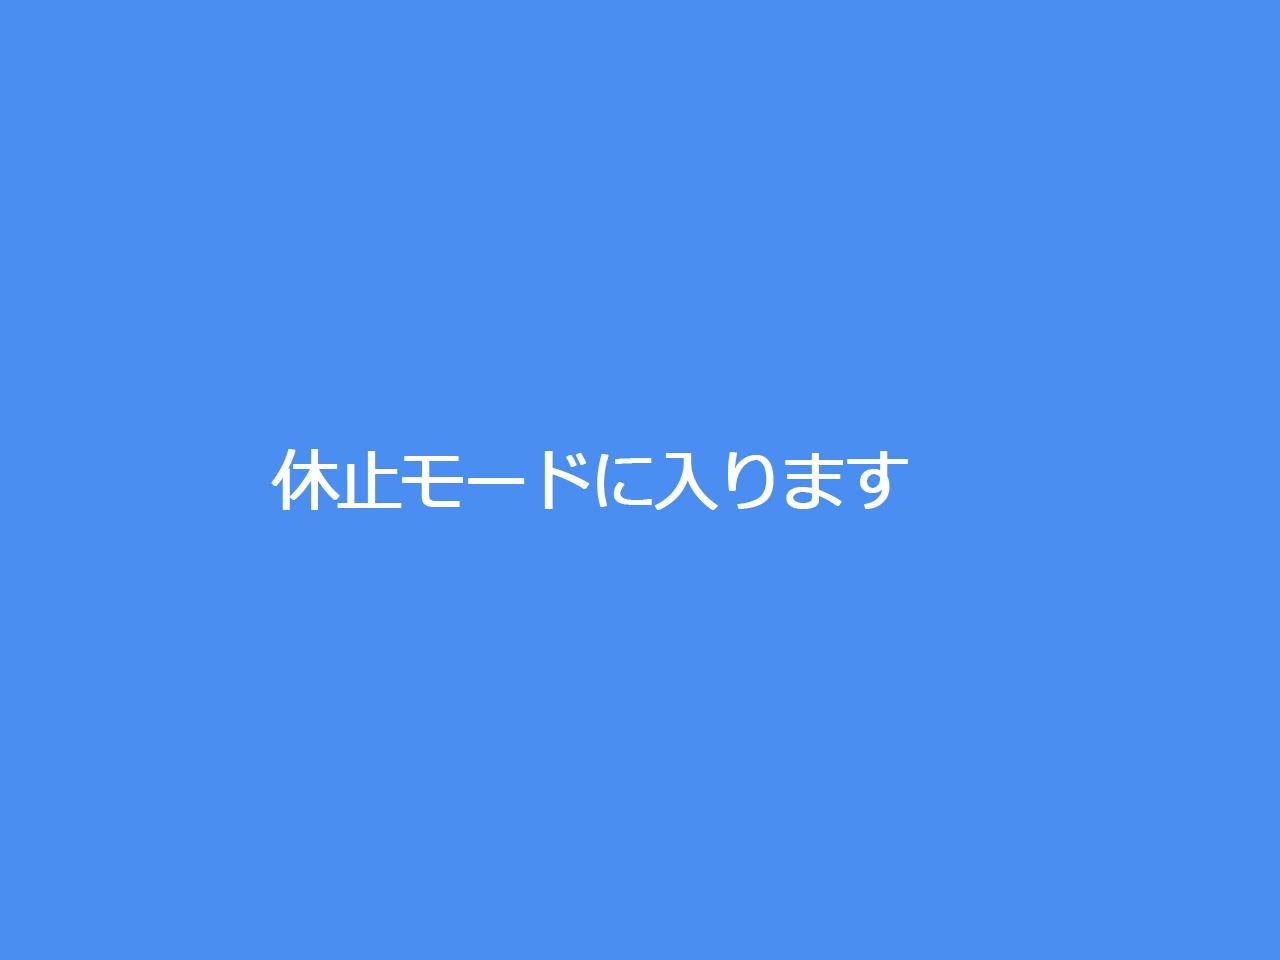 Windows10]「休止モードで入ります」が表示されたまま動作しない